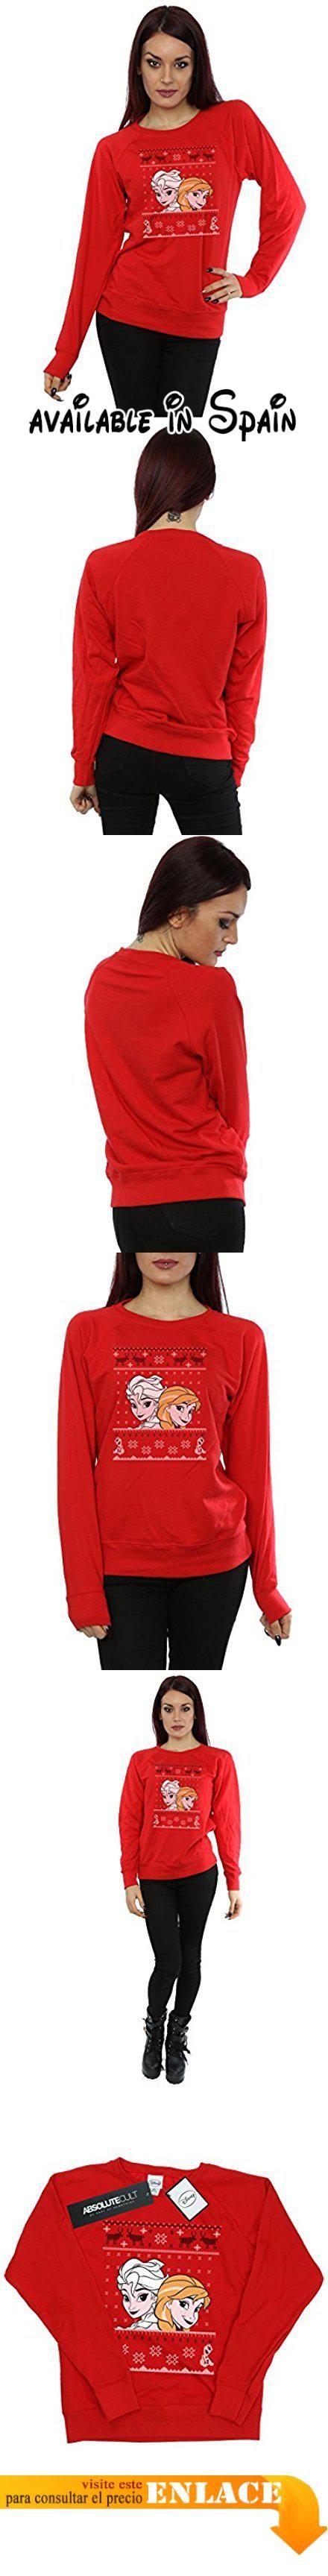 B01NBWT4QH : Disney mujer Frozen Christmas Anna and Elsa Camisa de entrenamiento Small rojo. Con licencia oficial de mercancía con toda la marca de licencia autorizado envasado y etiquetado. 240gsm ligera perfecta de prendas de vestir para el verano o el uso durante todo el año.. De peso ligero de lana sin cepillar mangas raglán y costuras laterales con forma para un ajuste femenino.. Gracias por confirmar su tamaño para evitar decepciones. Nuestro tamaño X-Small es